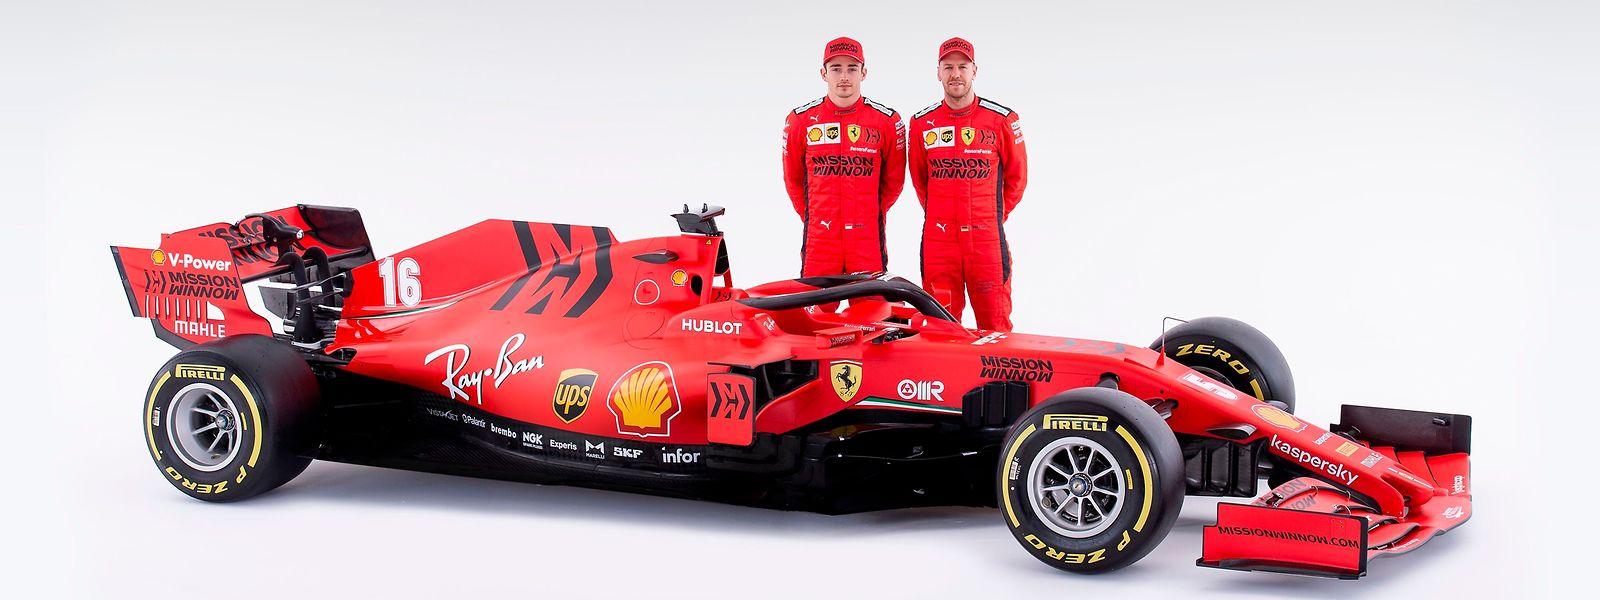 Charles Leclerc und Sebastian Vettel (r.) hoffen beide auf den Titel.